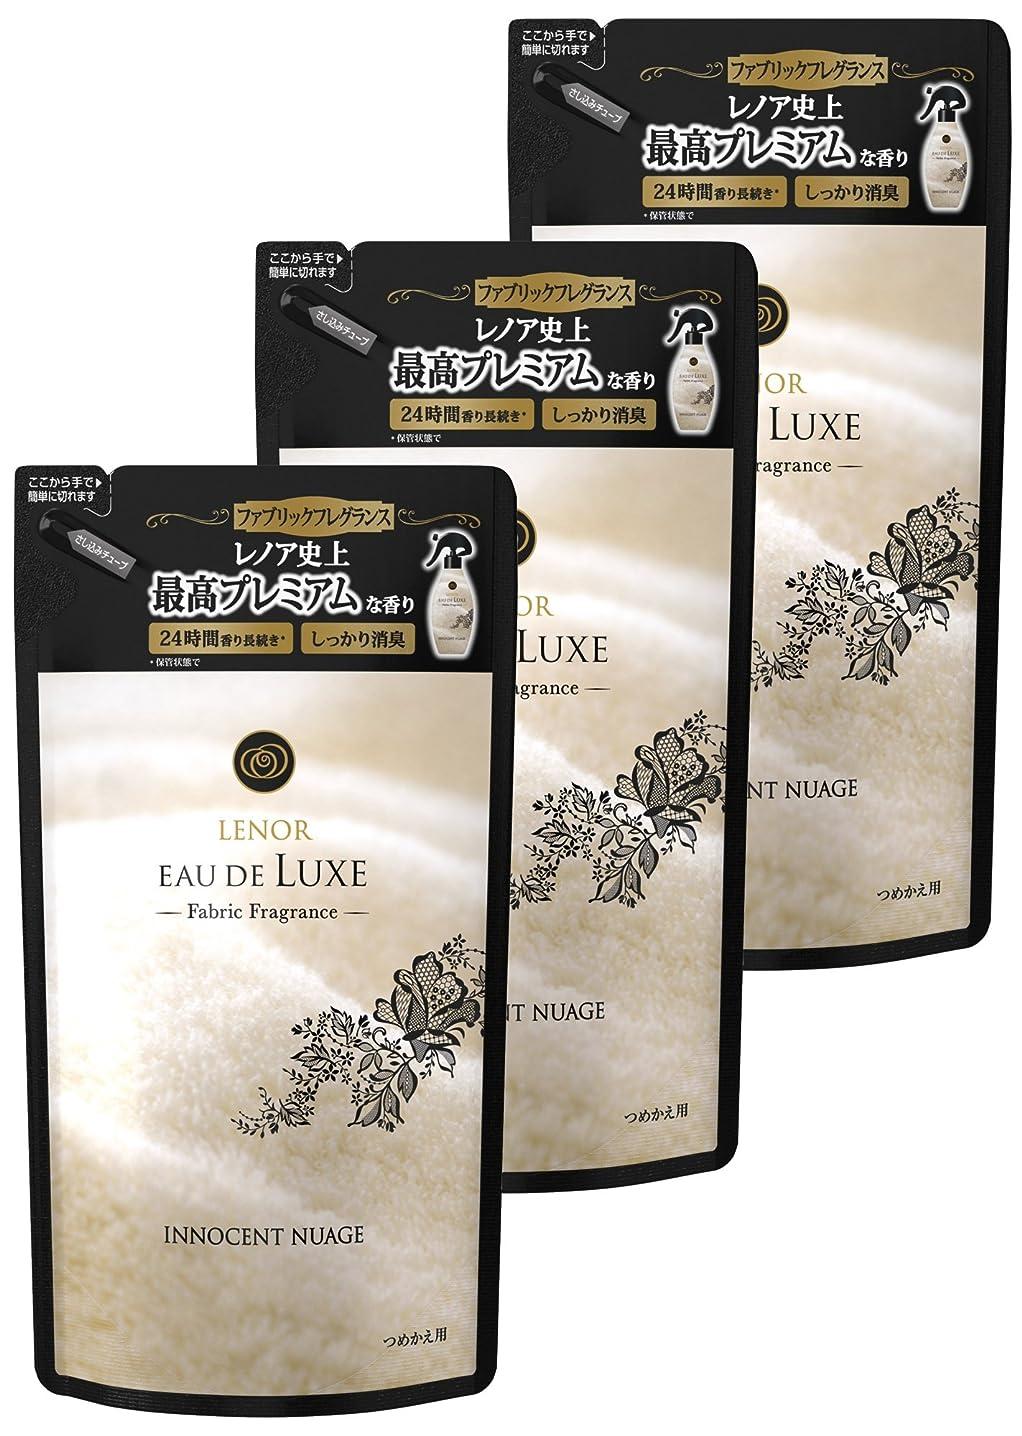 レイプ動見込みレノア オードリュクス ミスト 消臭スプレー 布用 イノセントニュアジュの香り 詰め替え 250mL×3袋